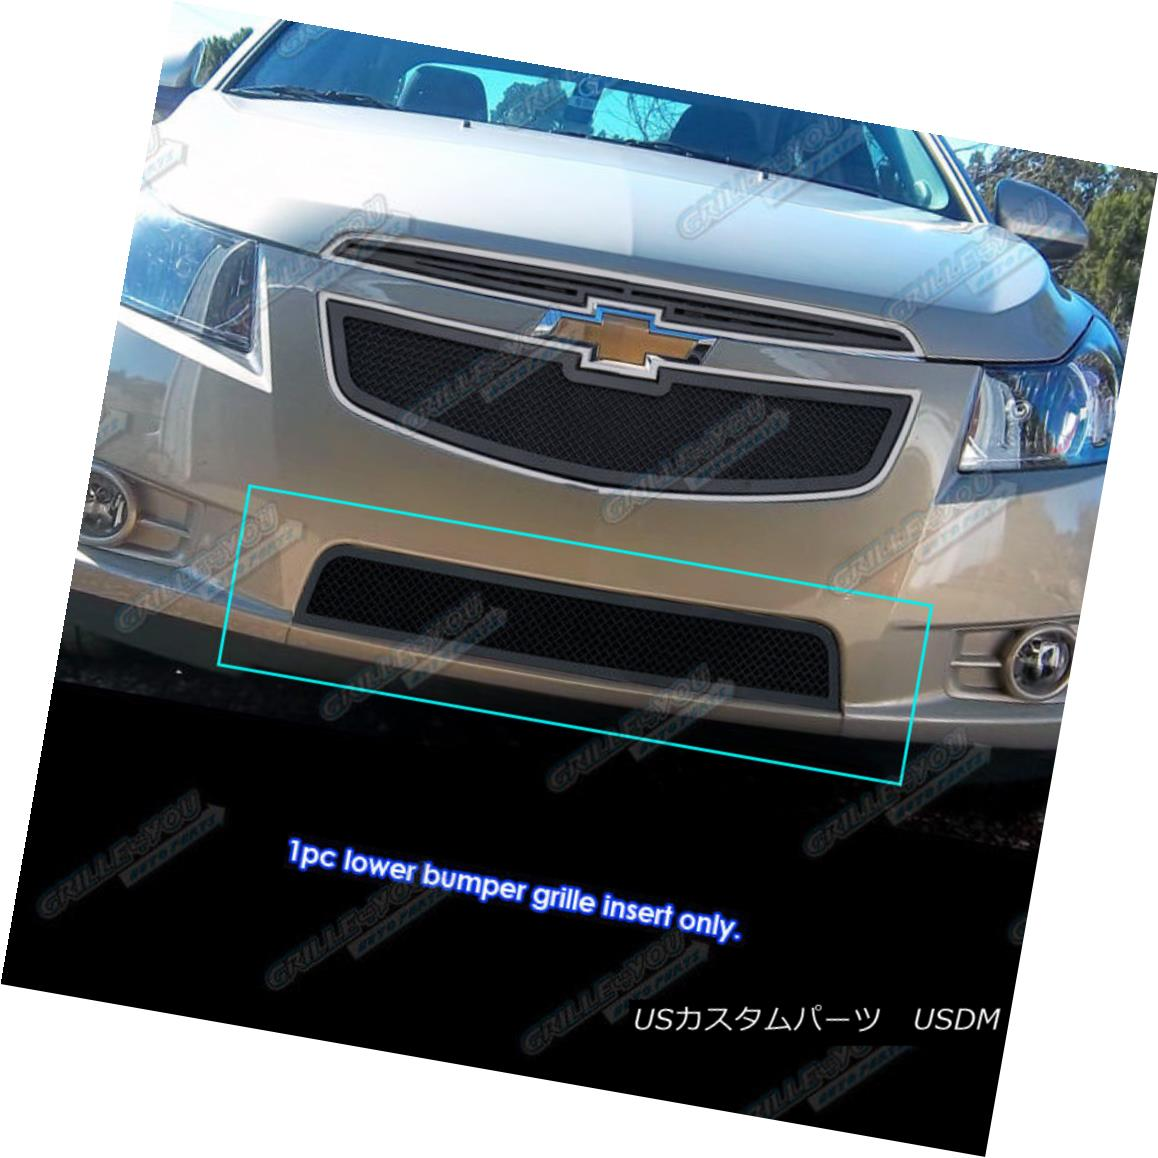 グリル For 2011-2014 Chevy Cruze Bumper Black Stainless Steel Mesh Grille Grill 2011-2014シボレークルーズバンパー用ブラックステンレスメッシュグリルグリル